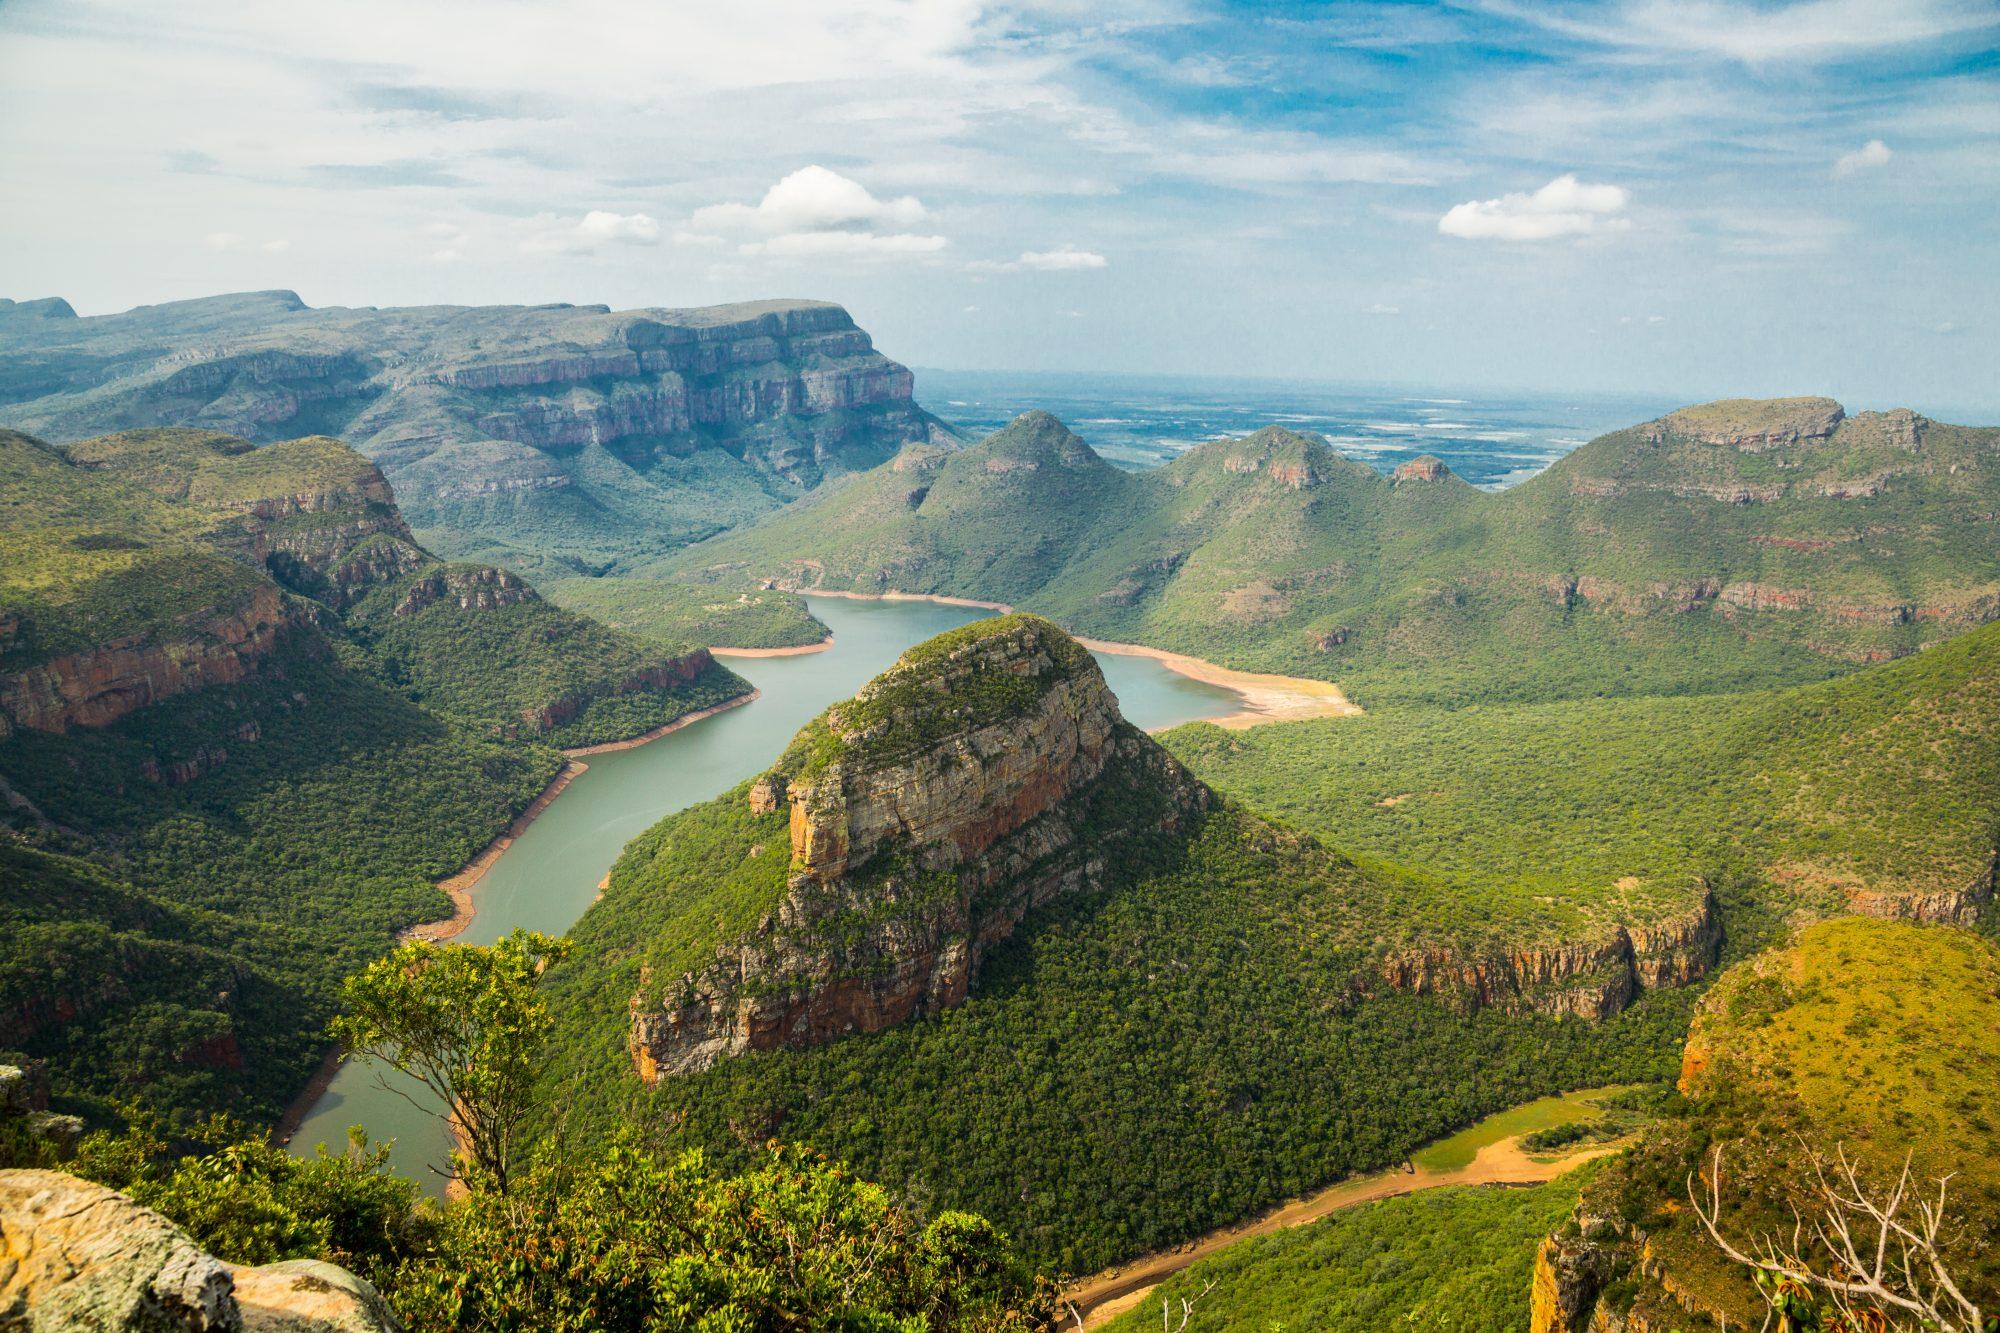 Projet visant à améliorer la gestion de l'approvisionnement en eau dans le parc national Kruger en Afrique du Sud